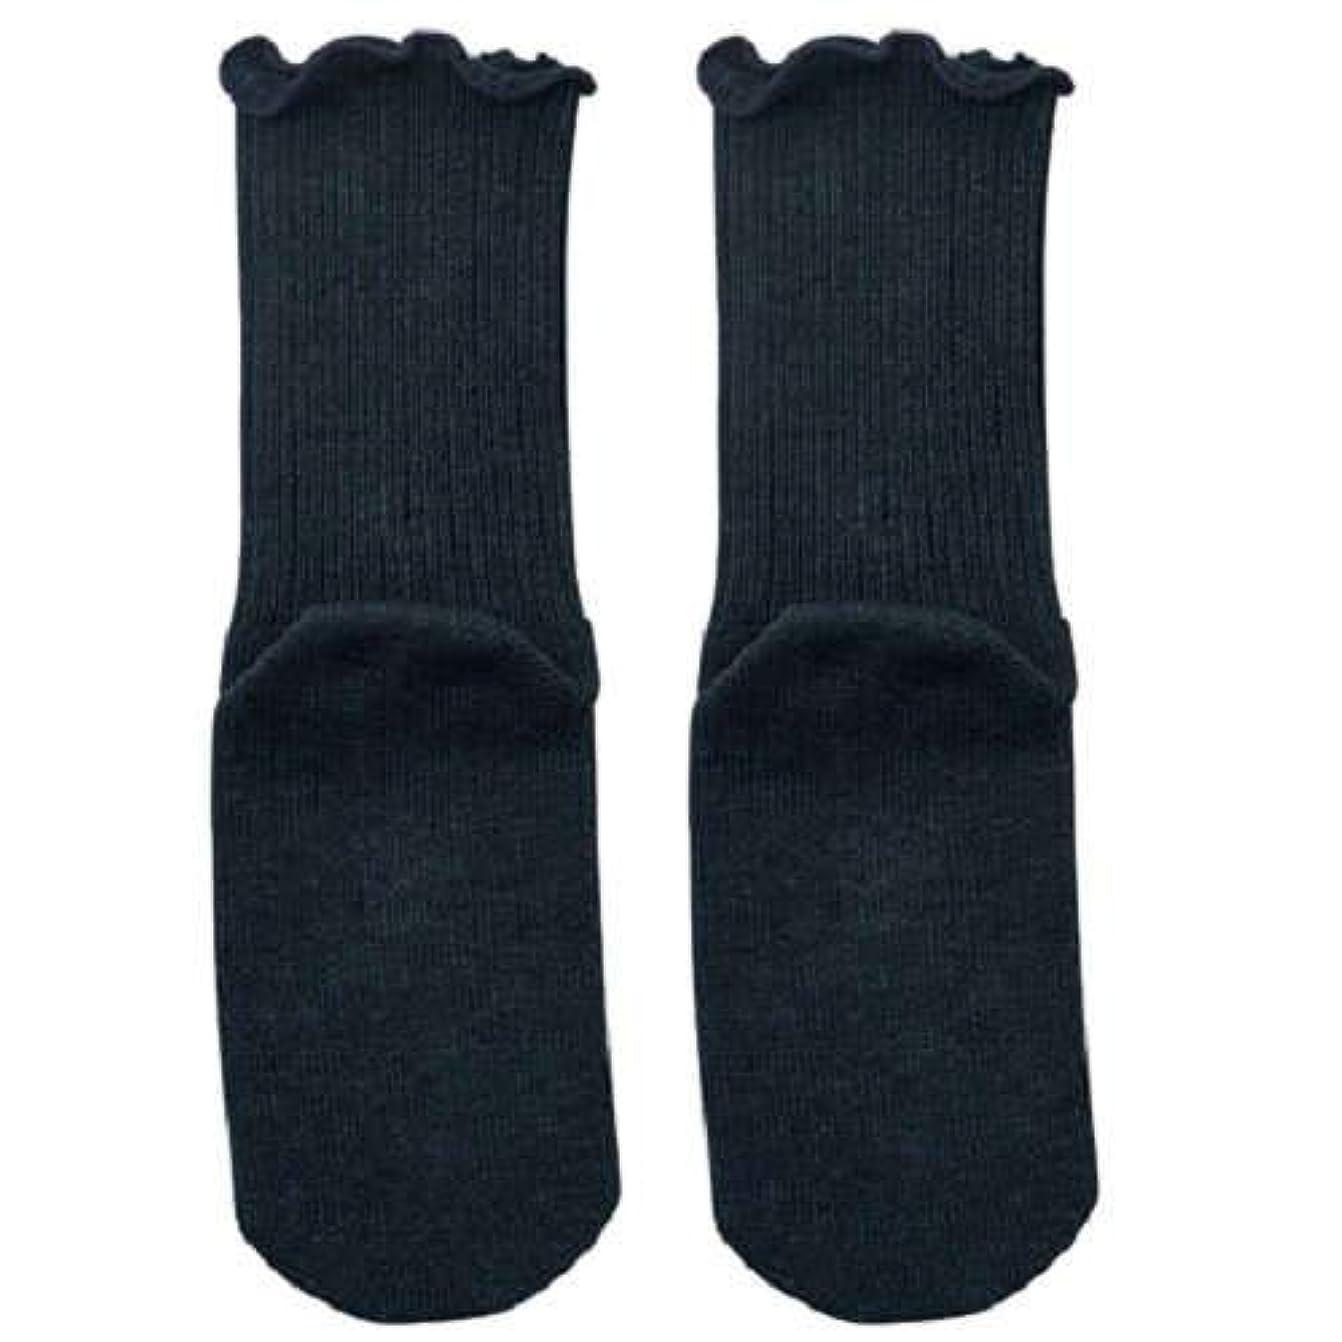 スコットランド人ナンセンスセグメント【むくみ】【骨折】 男女兼用 極上しめつけません 特大サイズ 靴下 (チャコール)